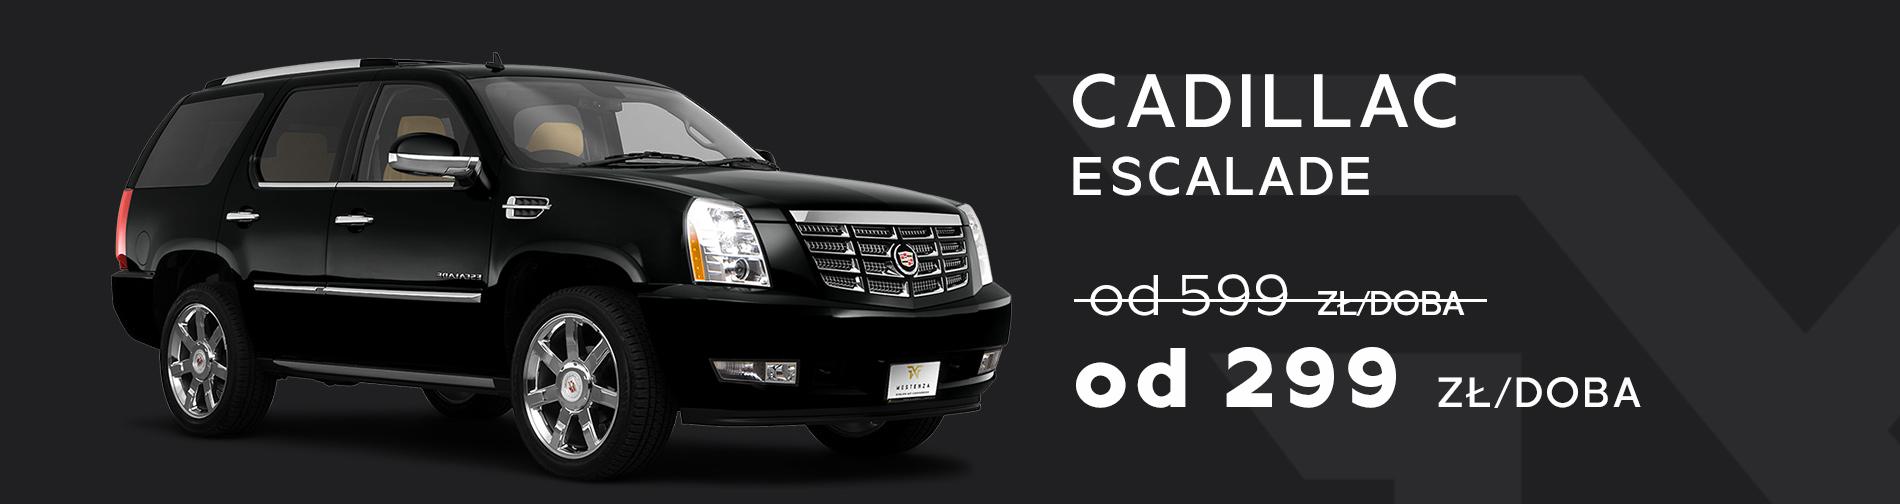 Cadillac Escalade Wynajem samochodów w promocji taniej Trójmiasto